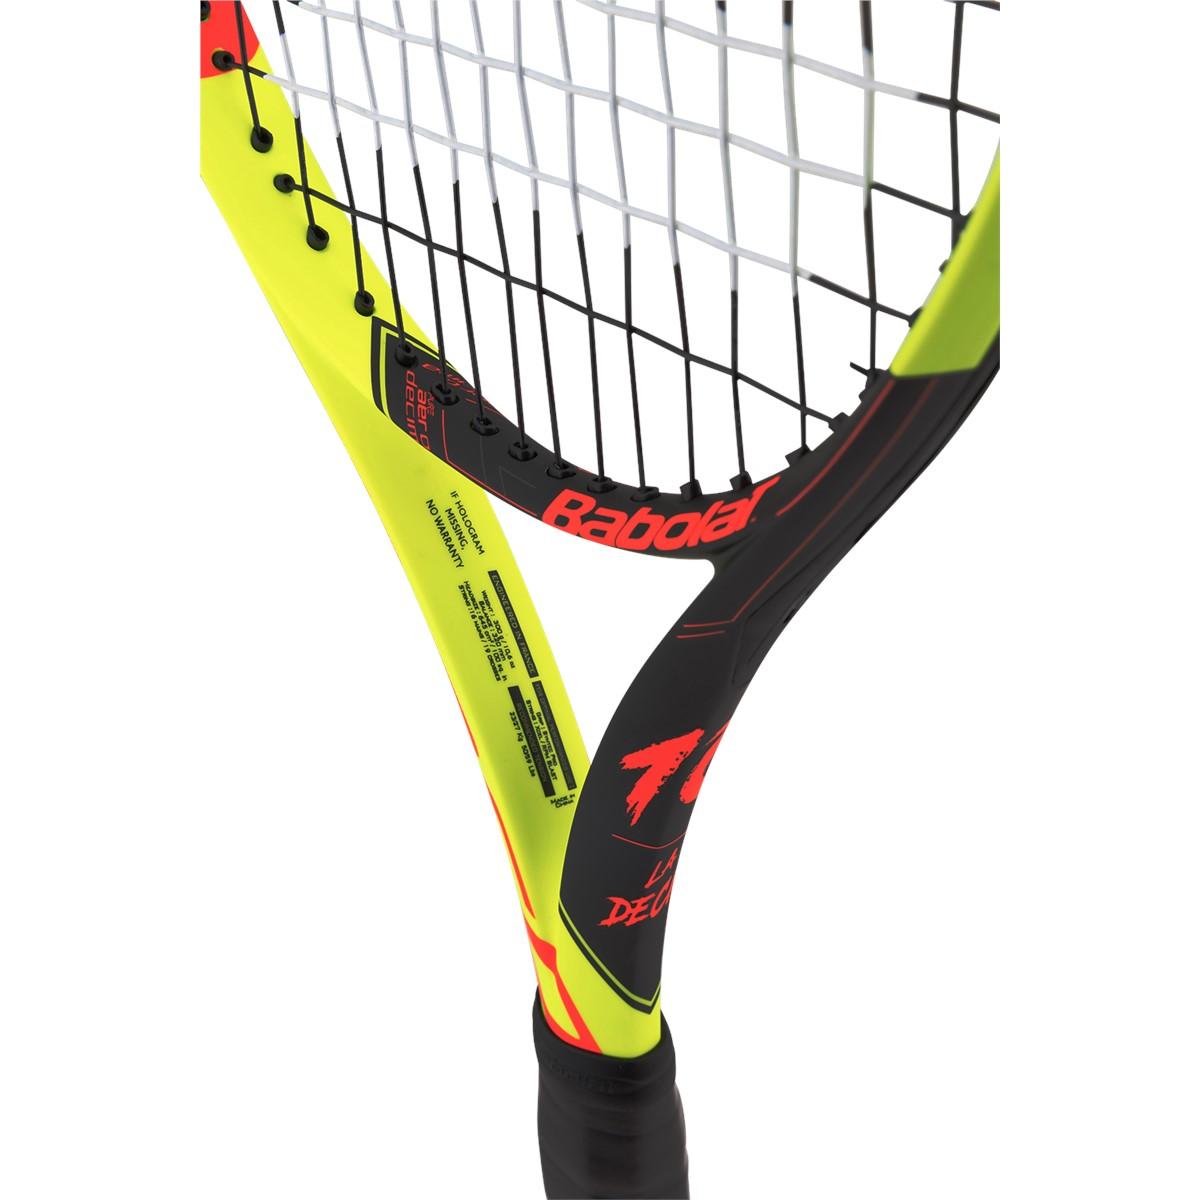 Racquets | Babolat | Babolat Pure Aero Decima RG | Top Serve Tennis